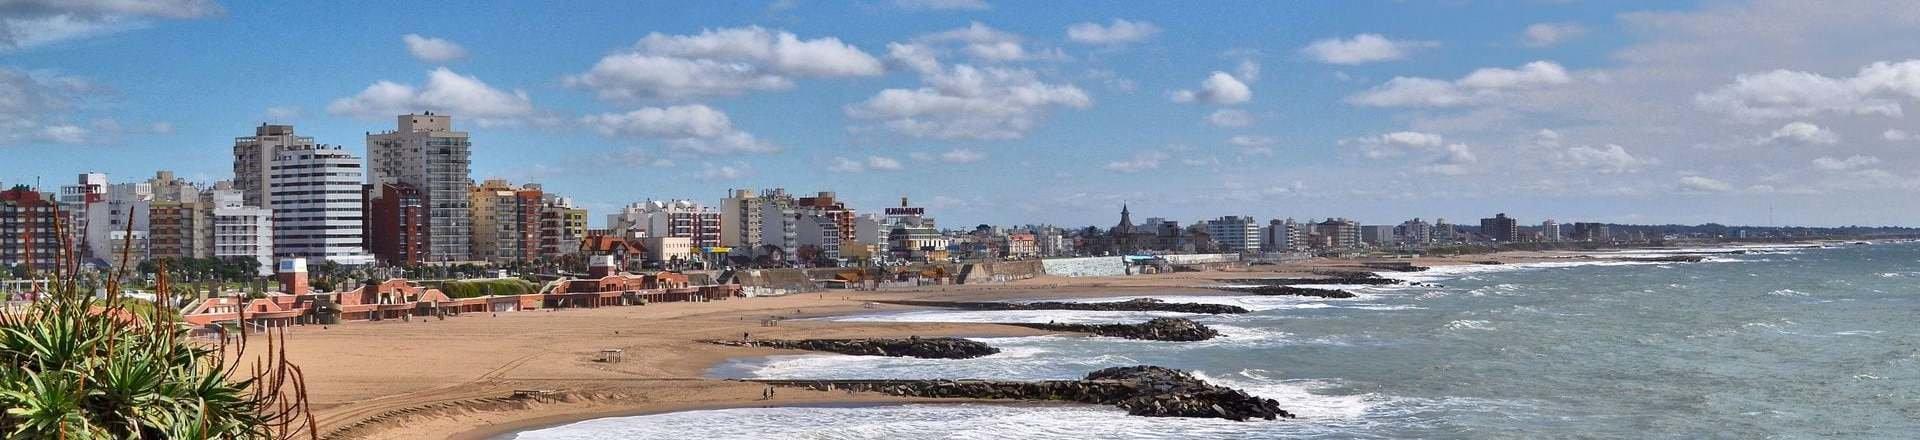 Hoteles En Mar Del Plata Baratos Desde 387 Destinia